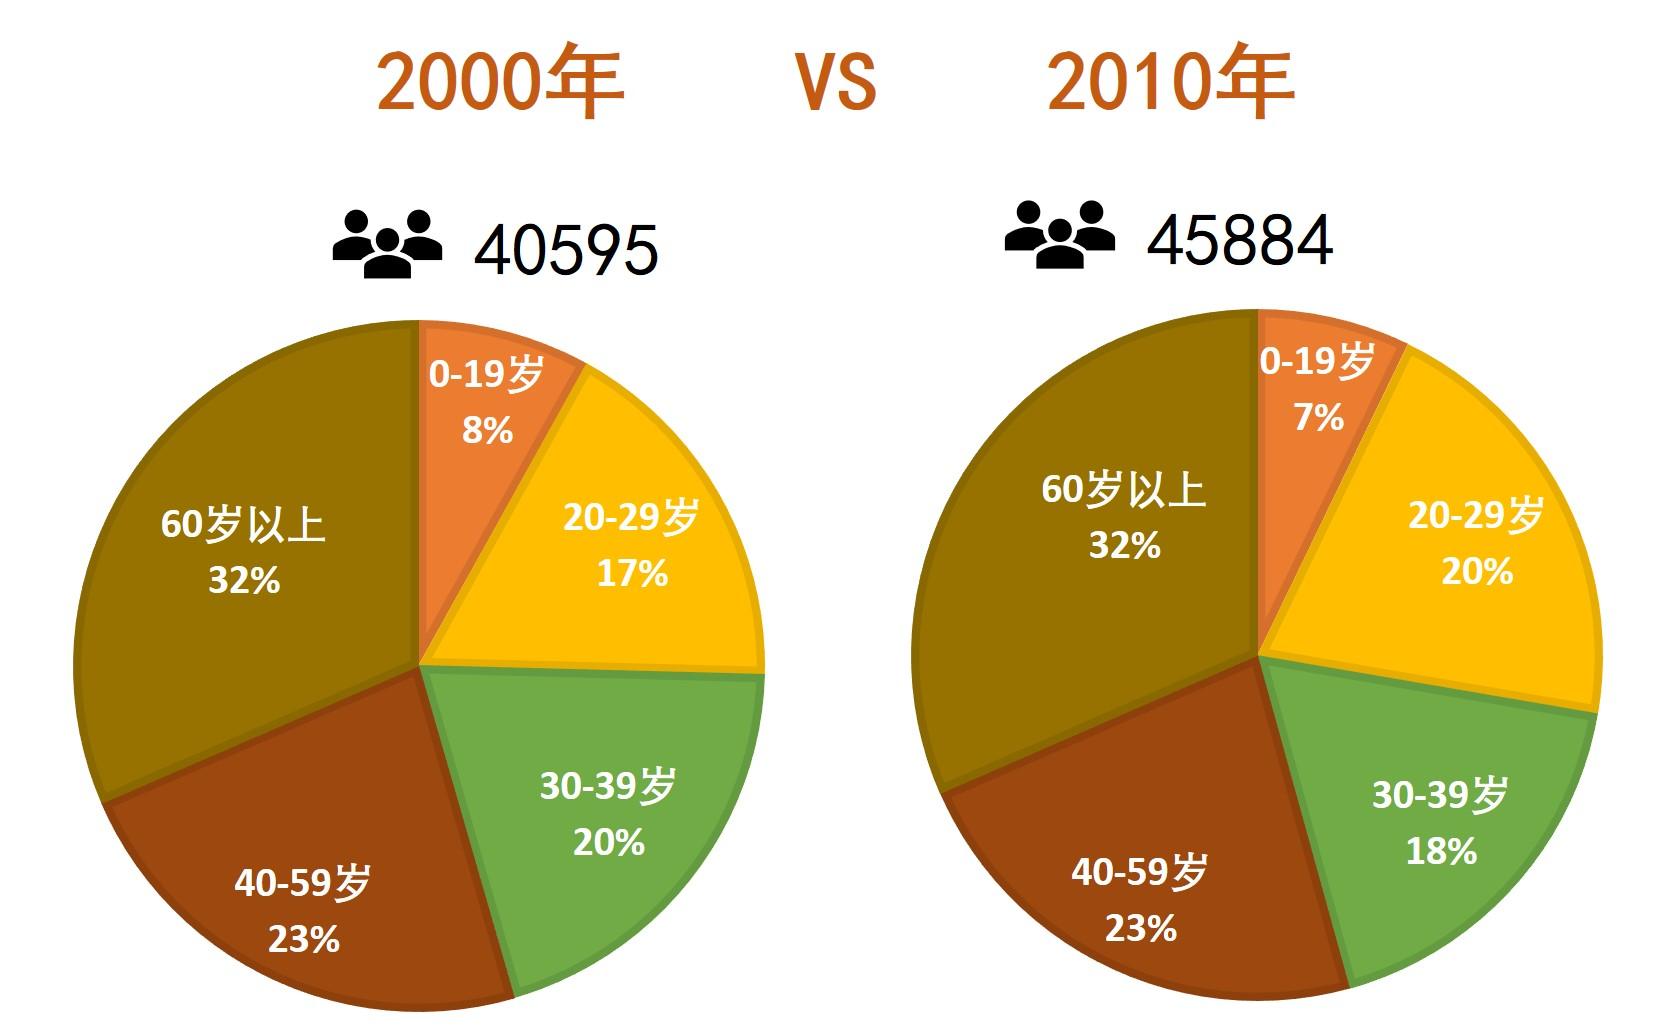 2000年與2010年居民數據